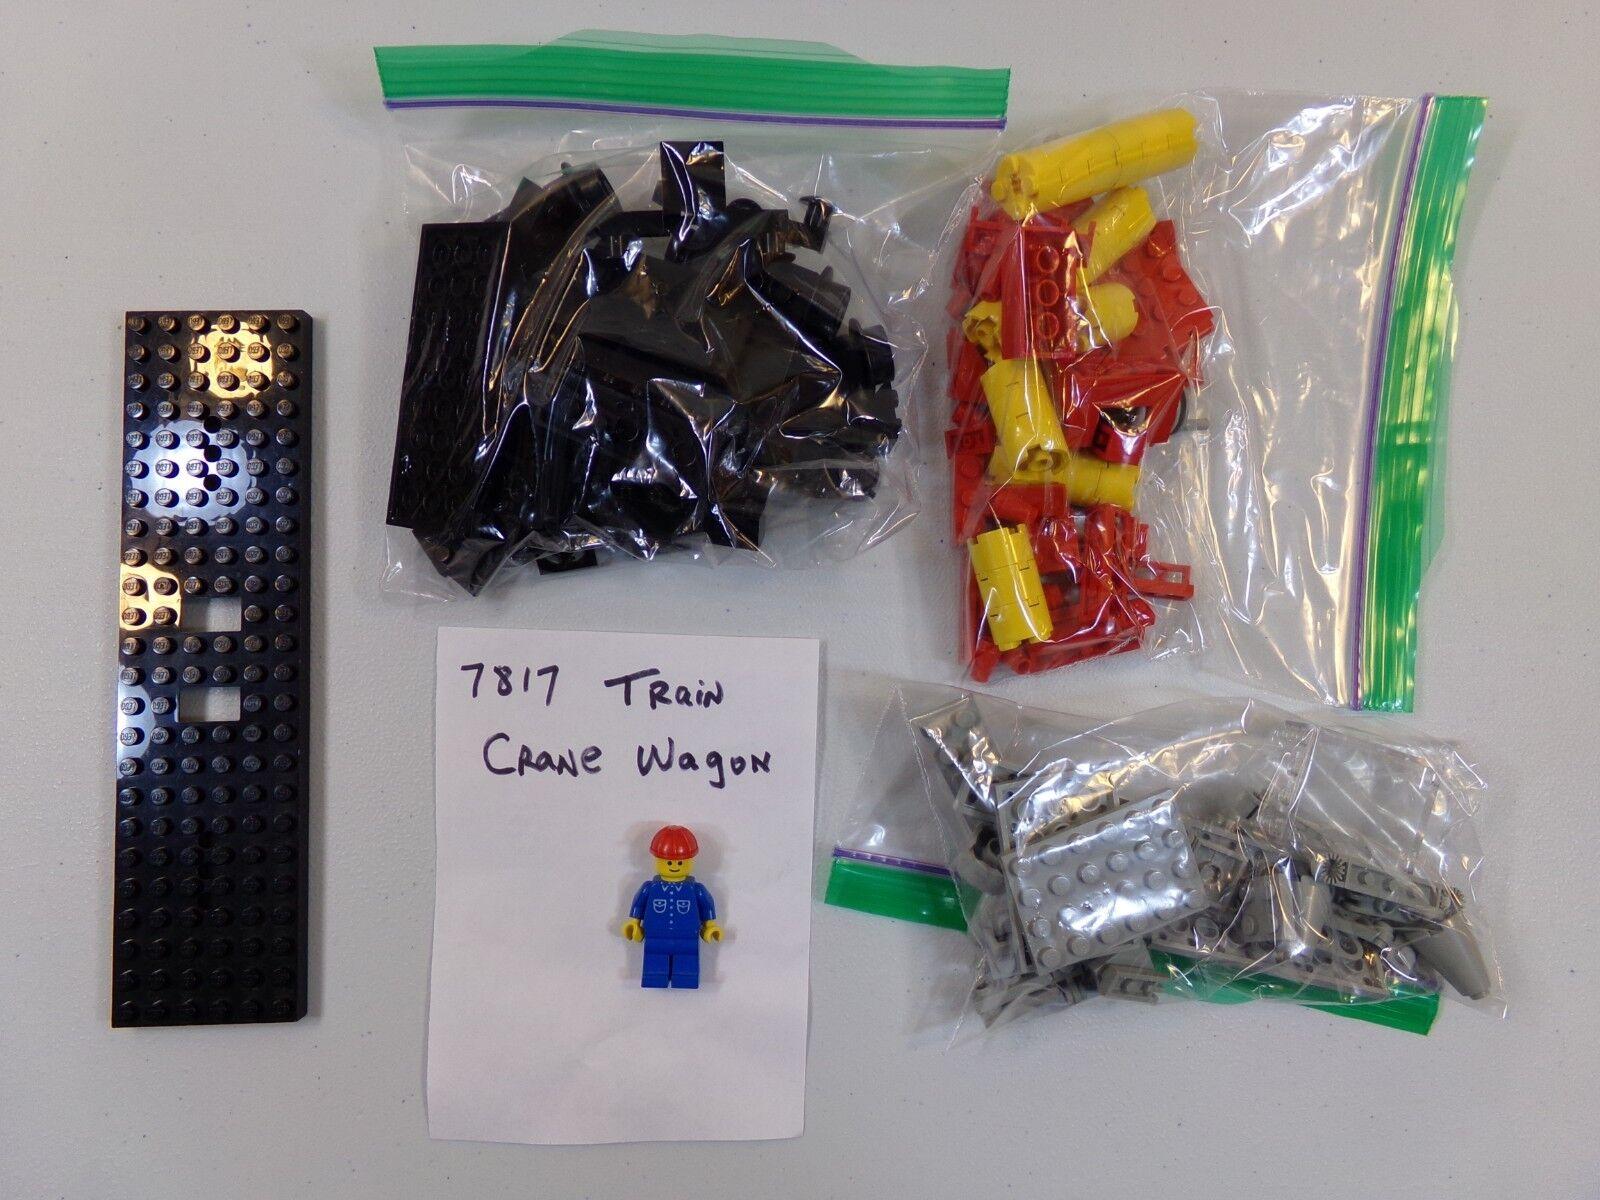 Lego 7817 Train Crane Wagon - 100% Complete